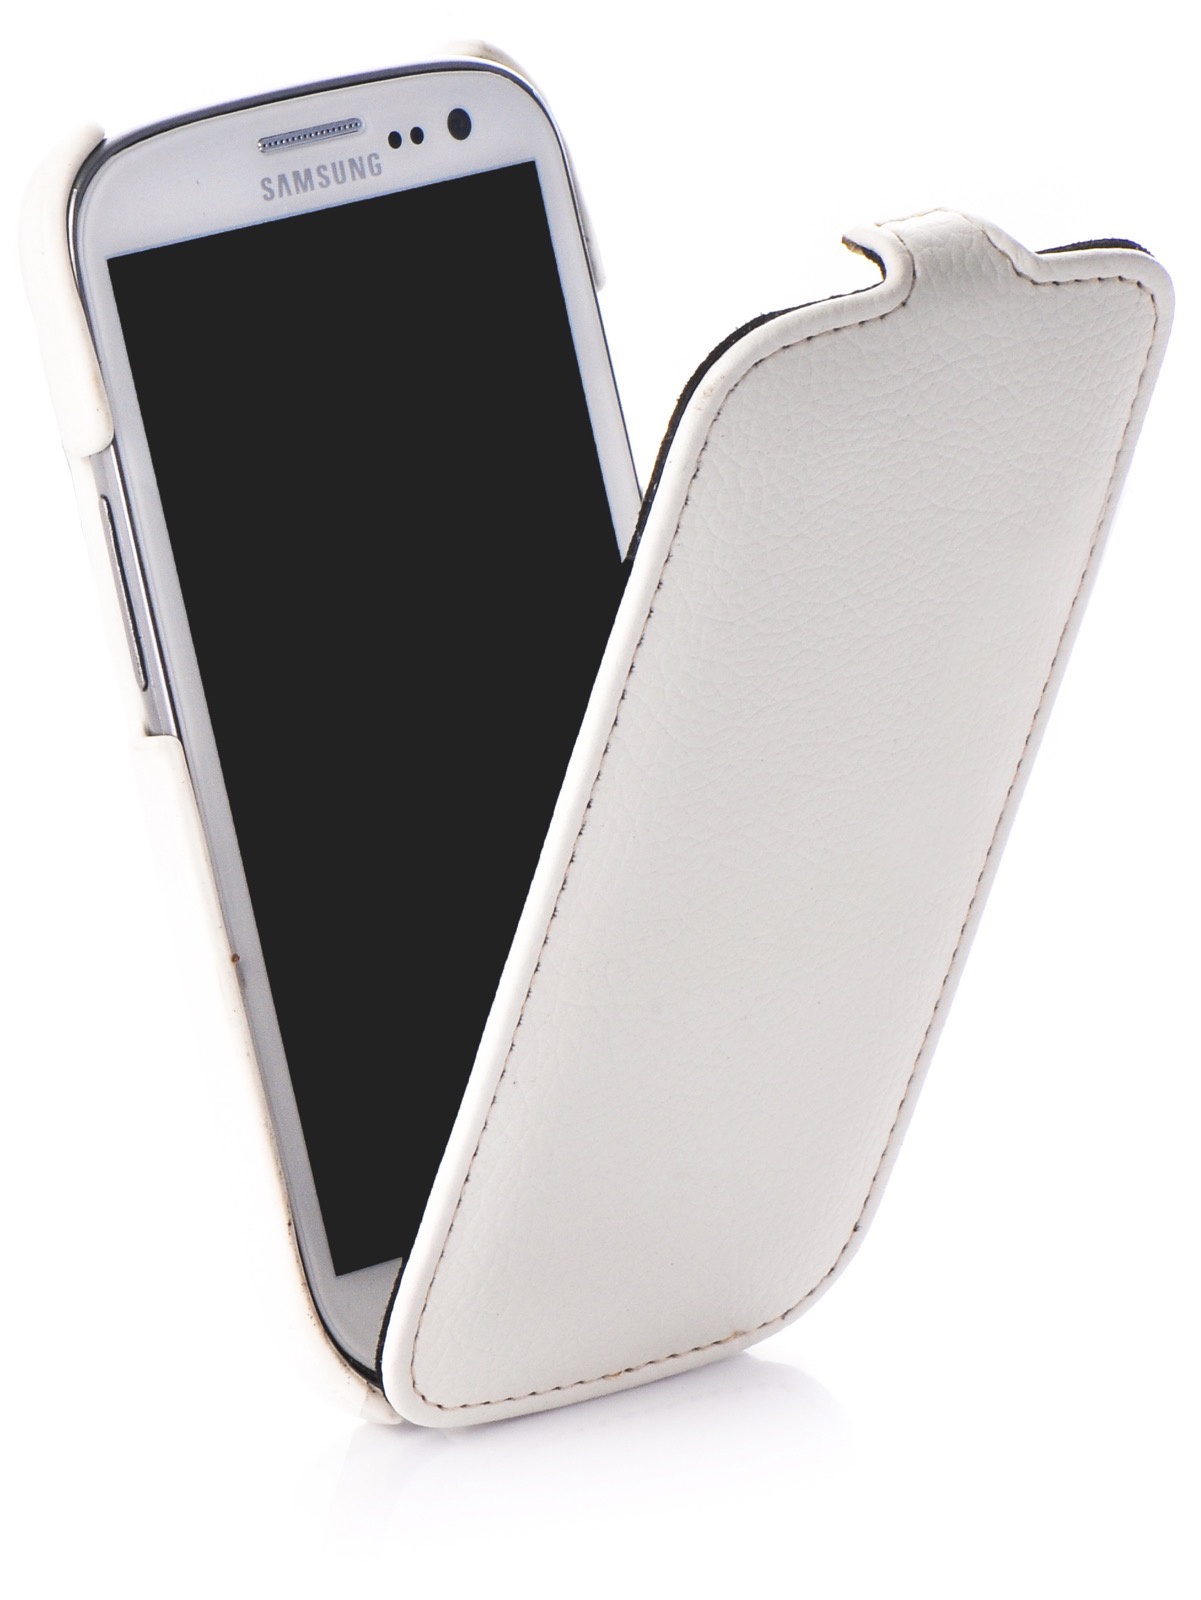 Чехол для сотового телефона Melkco книжка кожа для Samsung Galaxy S3, белый